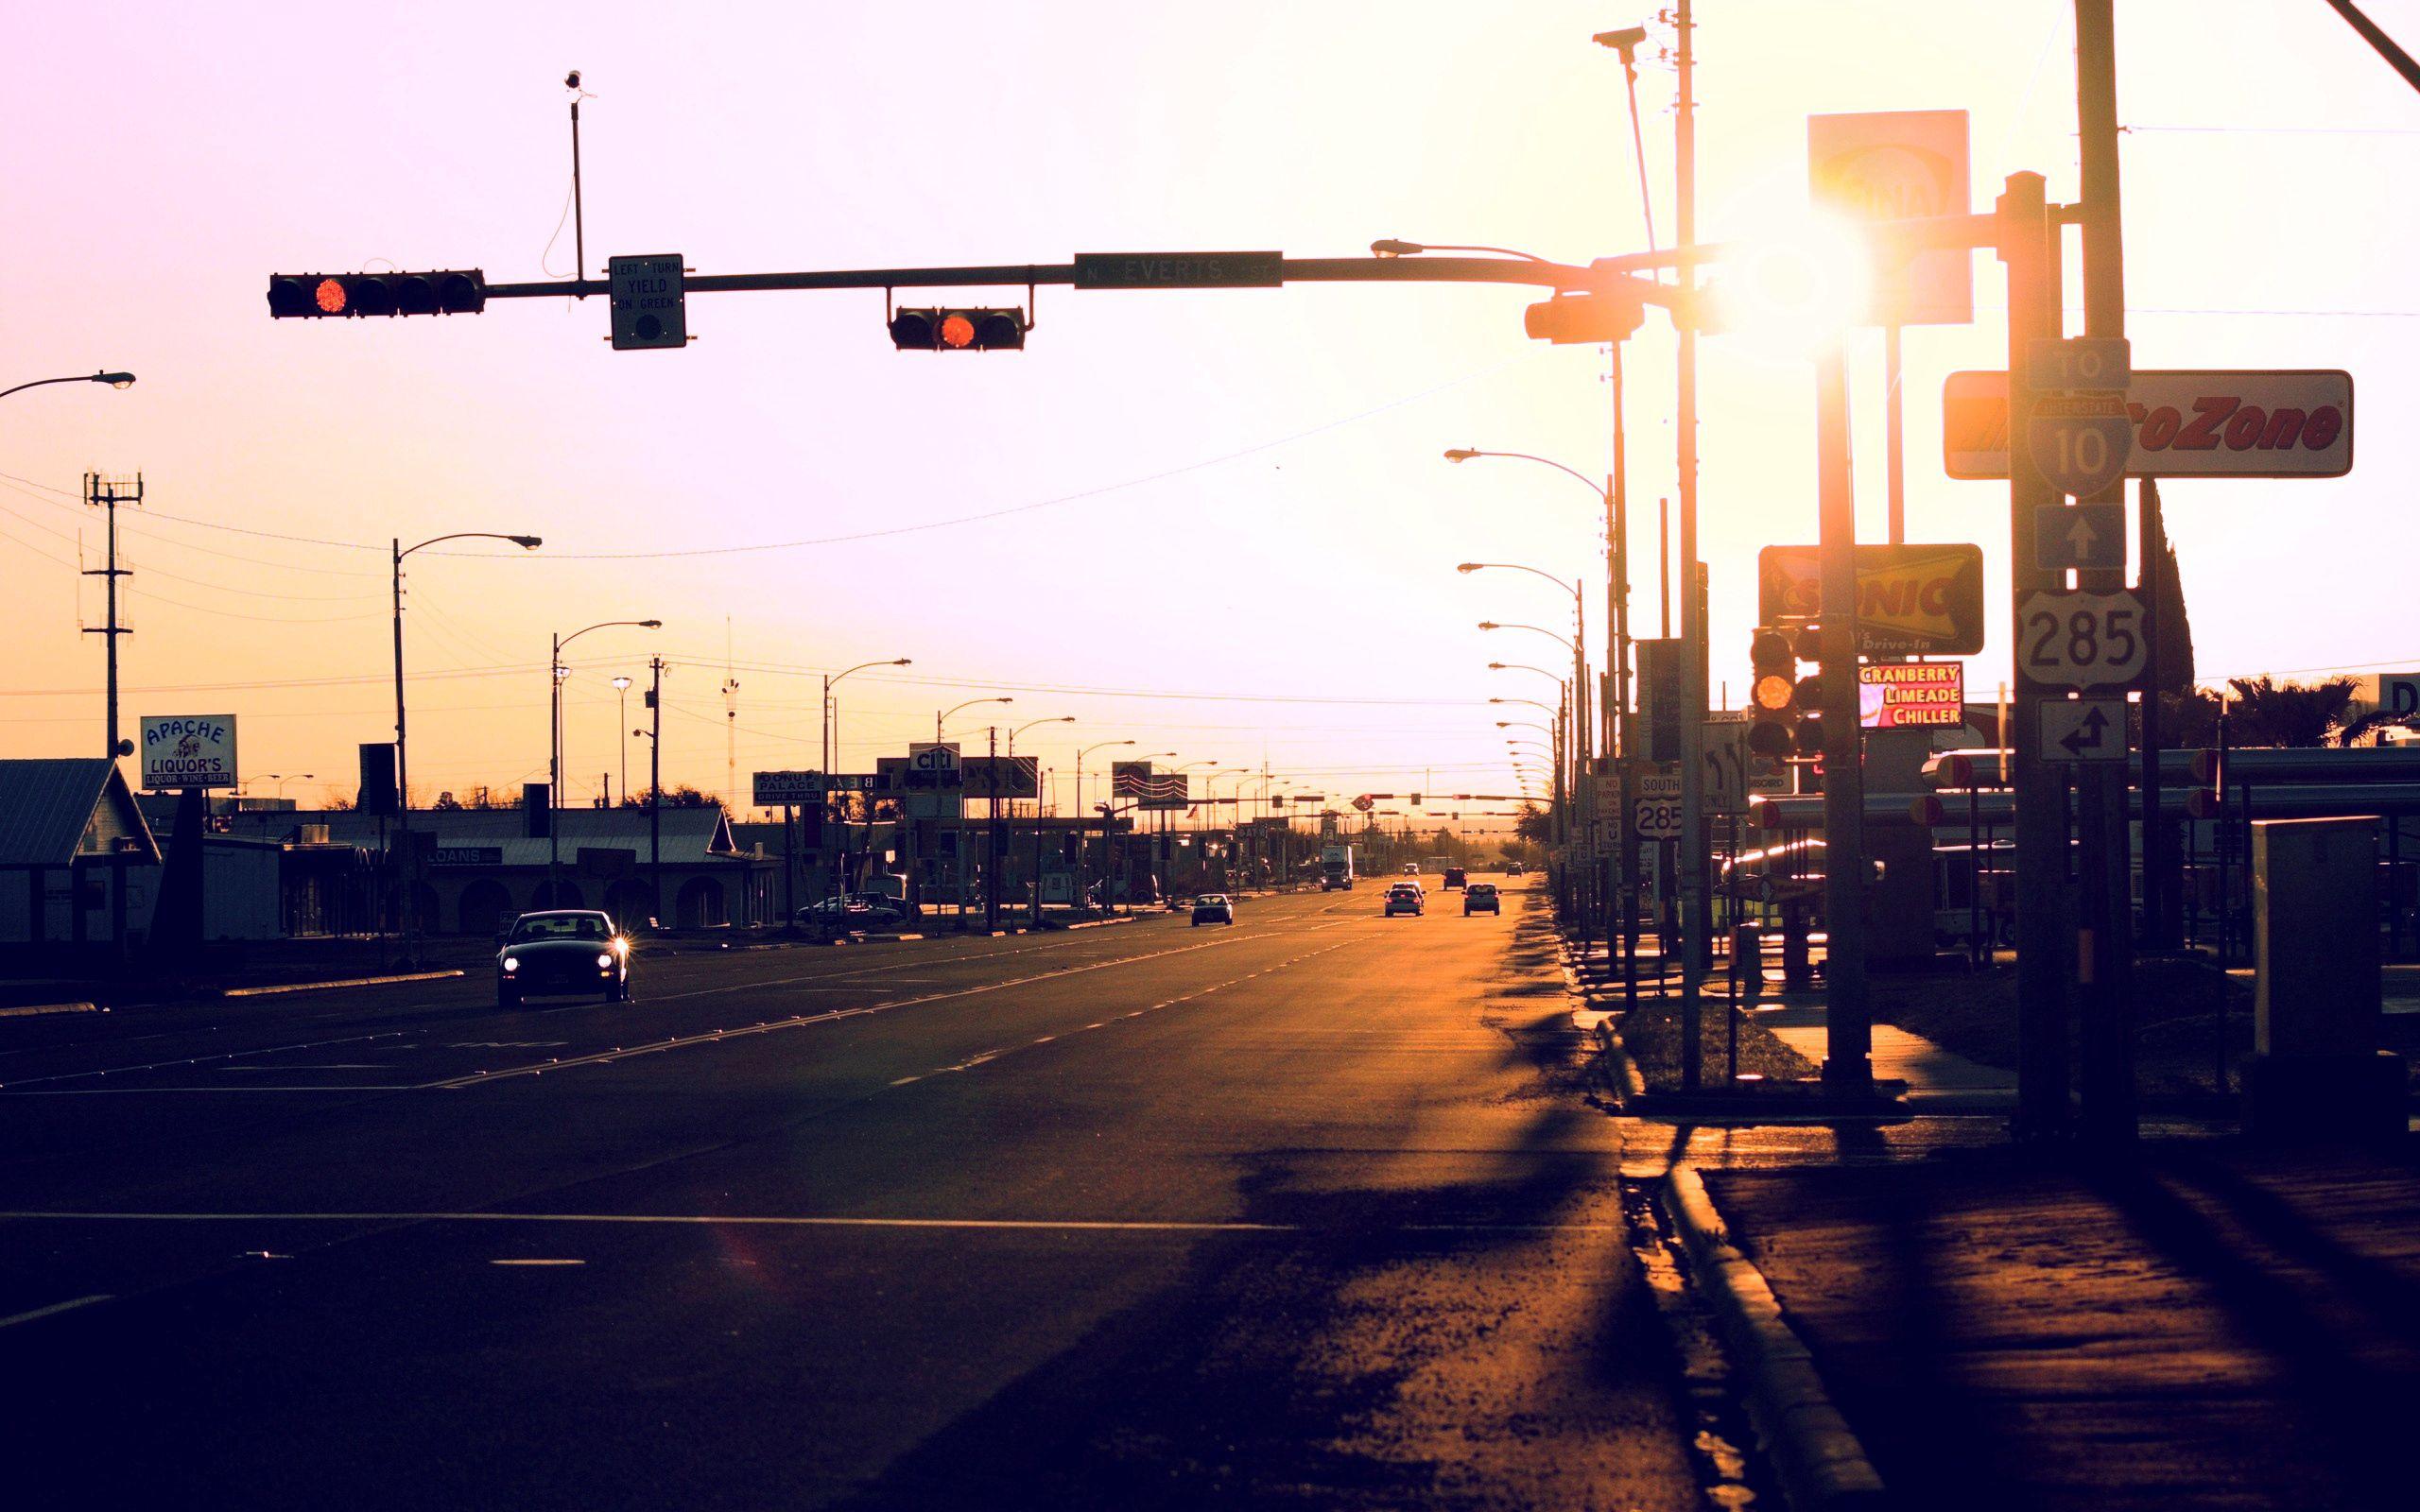 70878 Salvapantallas y fondos de pantalla Automóvil en tu teléfono. Descarga imágenes de Ciudad, Calle, Ciudades, Sol, Automóvil gratis